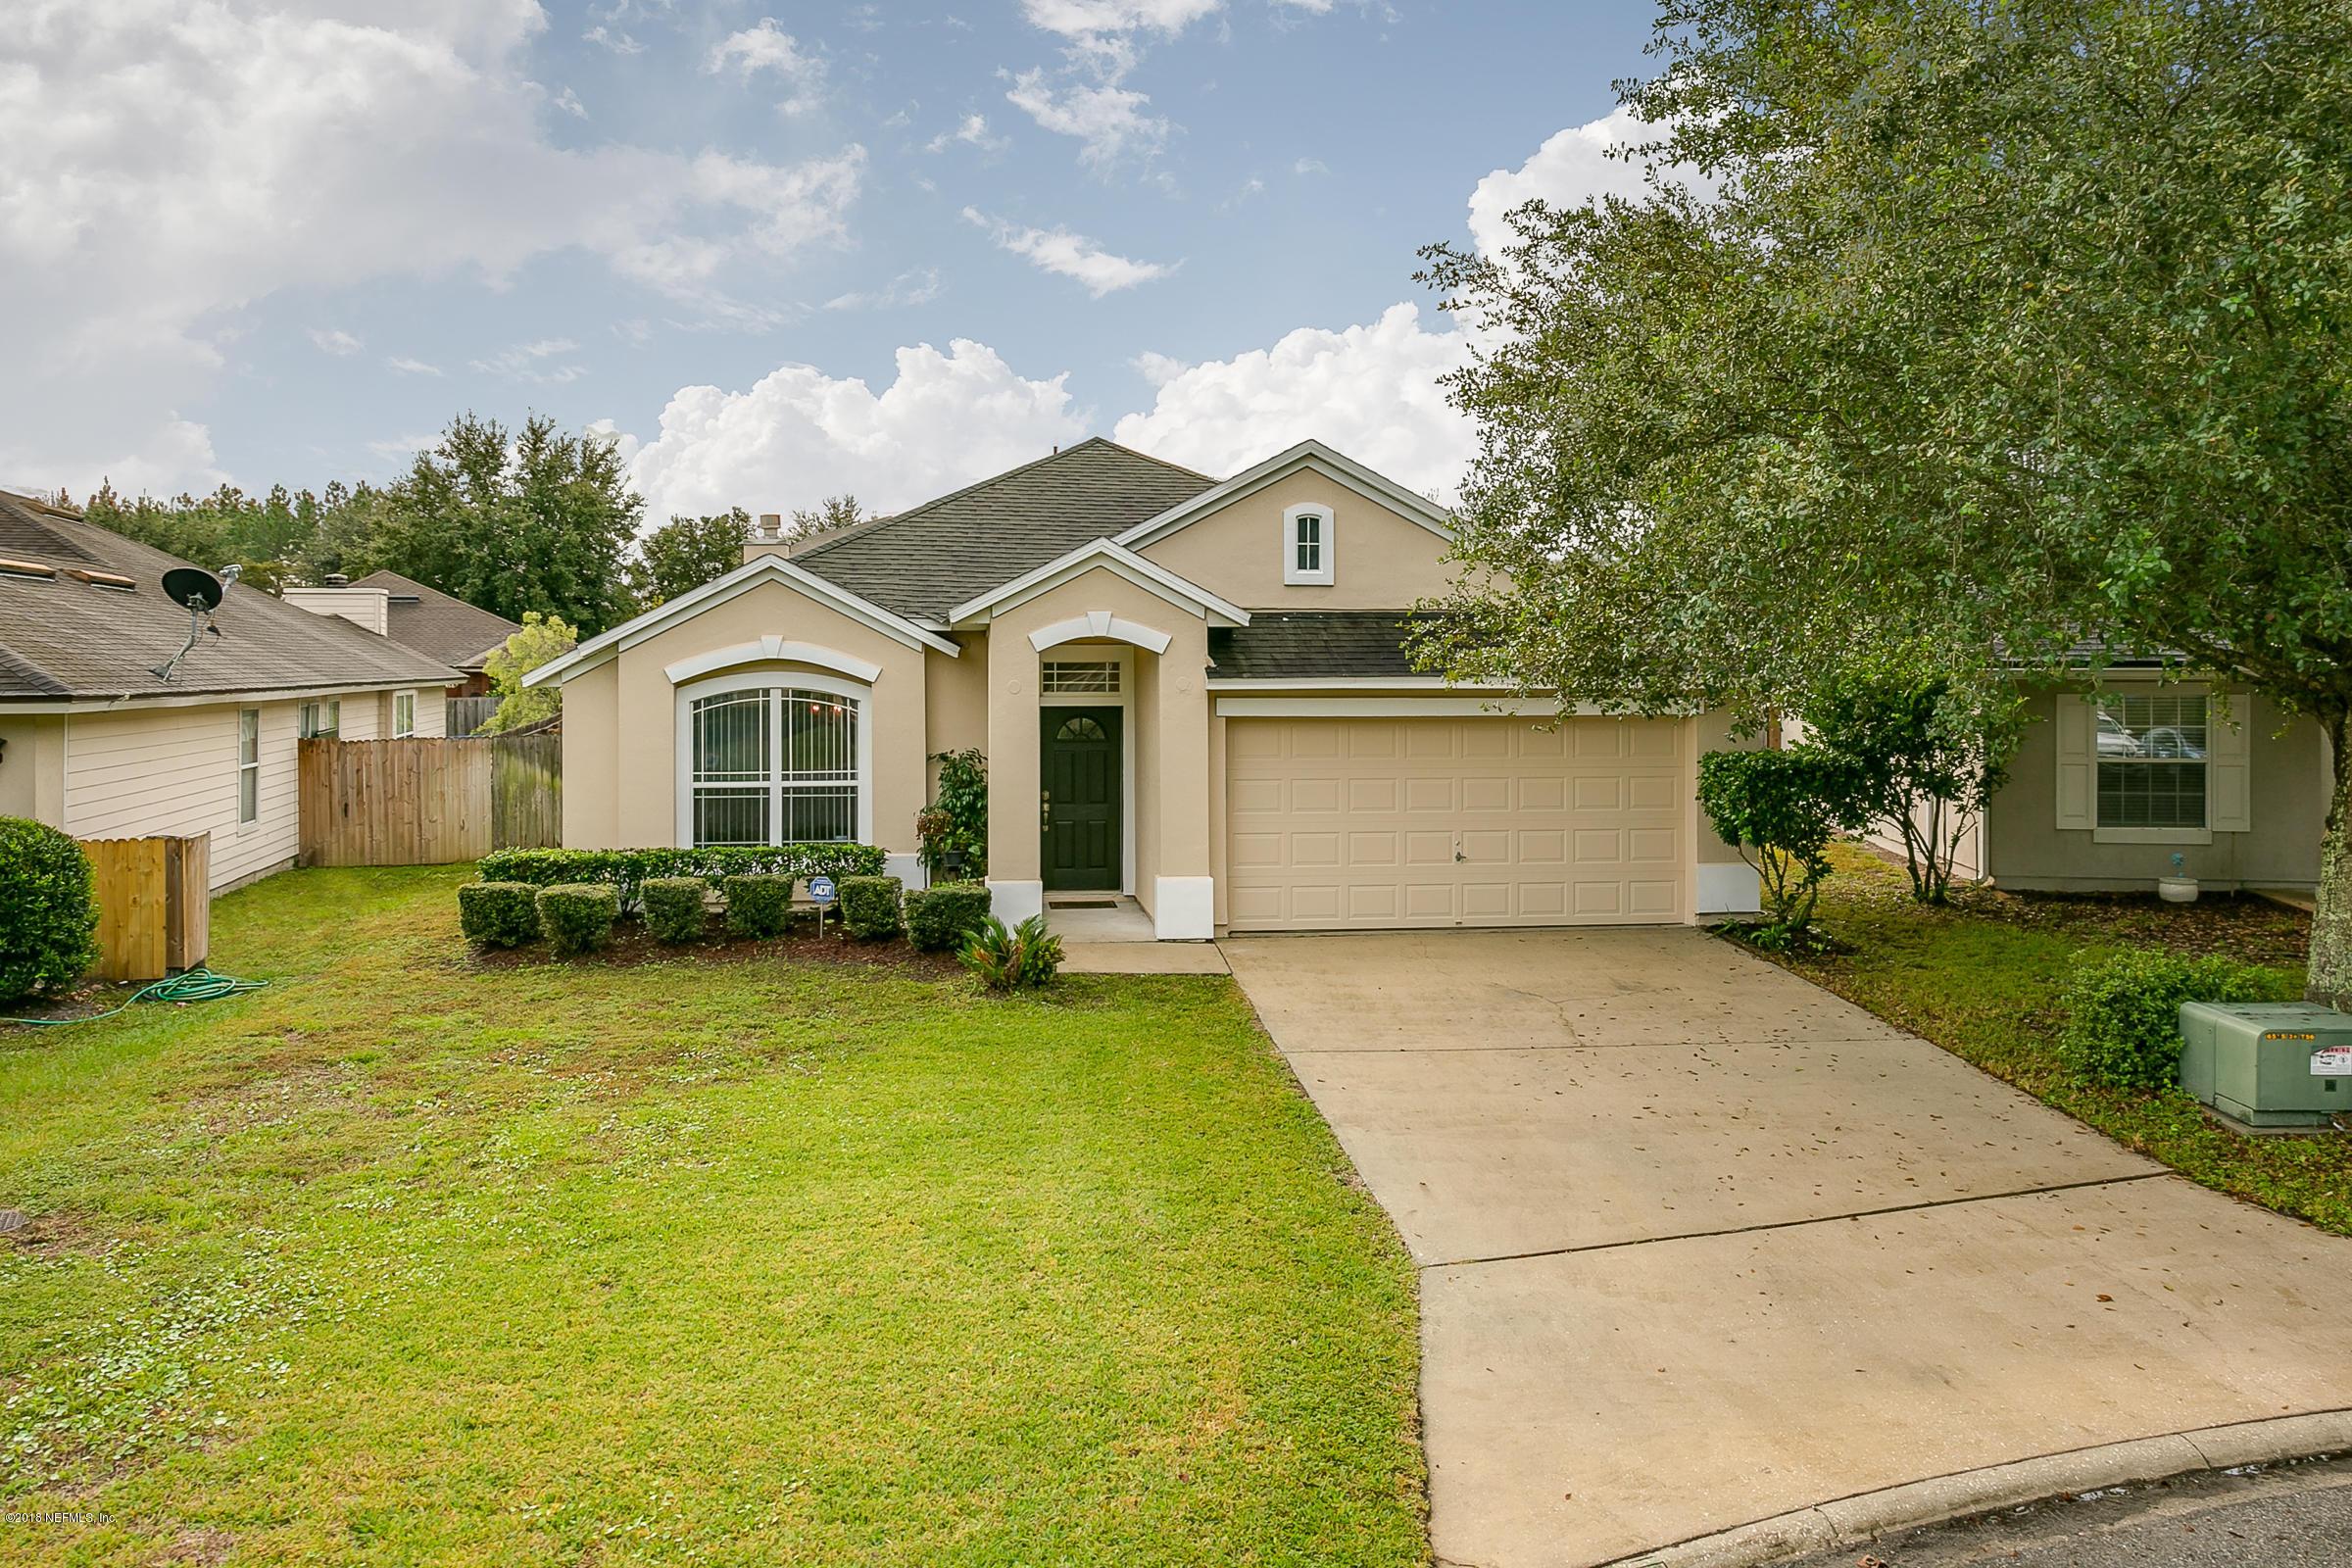 3829 HIDDEN VIEW, ORANGE PARK, FLORIDA 32065, 3 Bedrooms Bedrooms, ,2 BathroomsBathrooms,Residential - single family,For sale,HIDDEN VIEW,965791